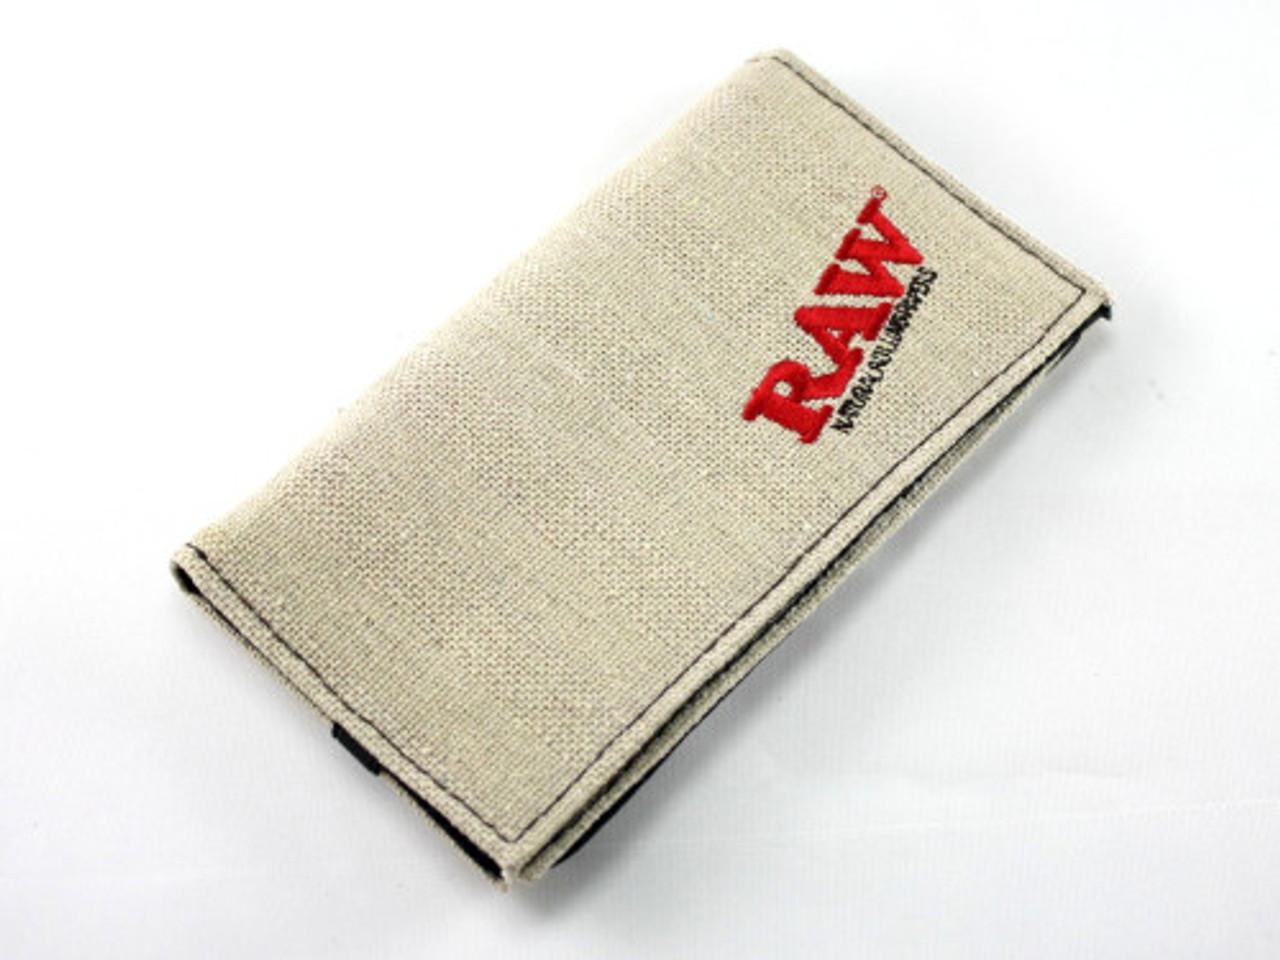 RAW Supreme Tobacco Pouch